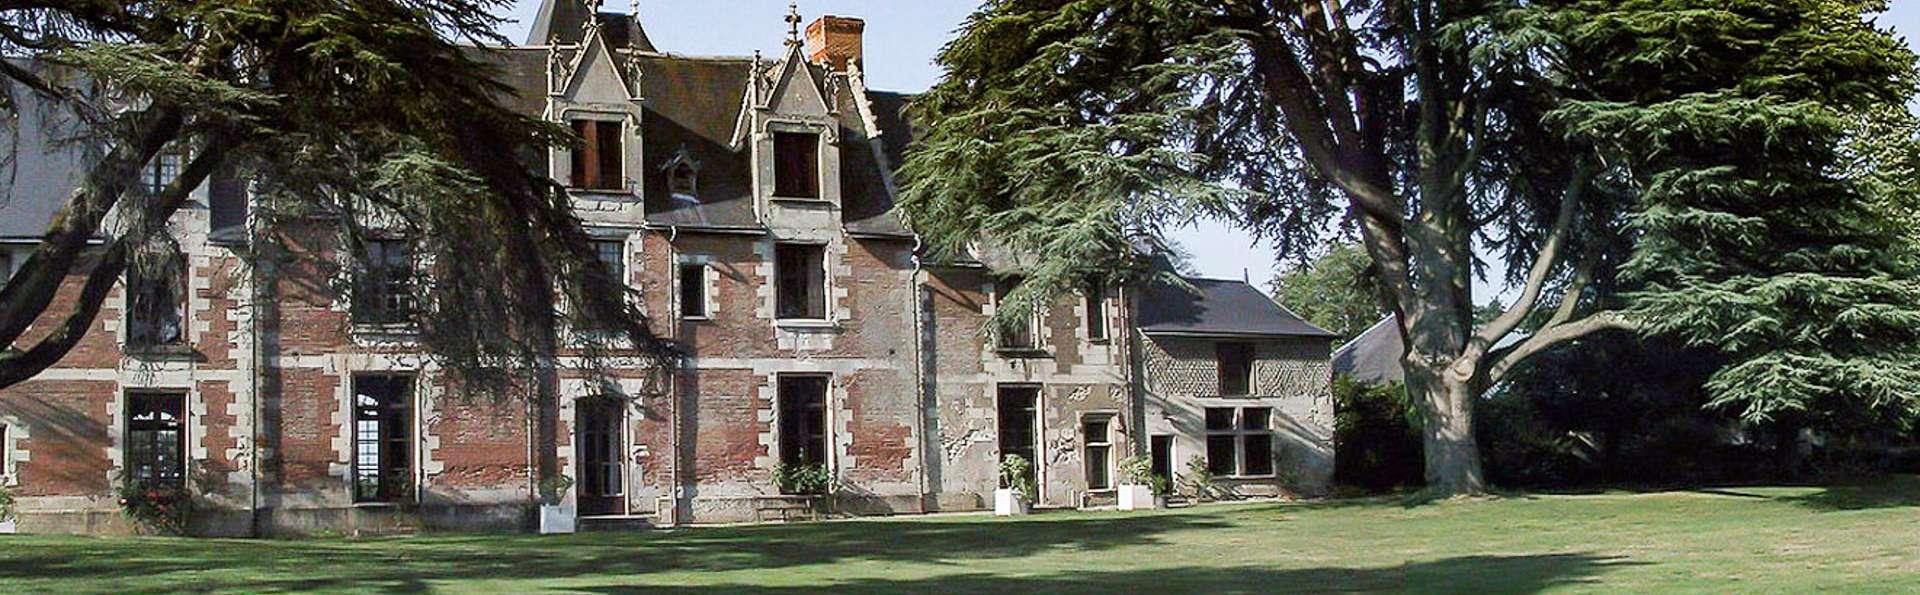 Château de Jallanges - EDIT_WEB_FRONT_02.jpg